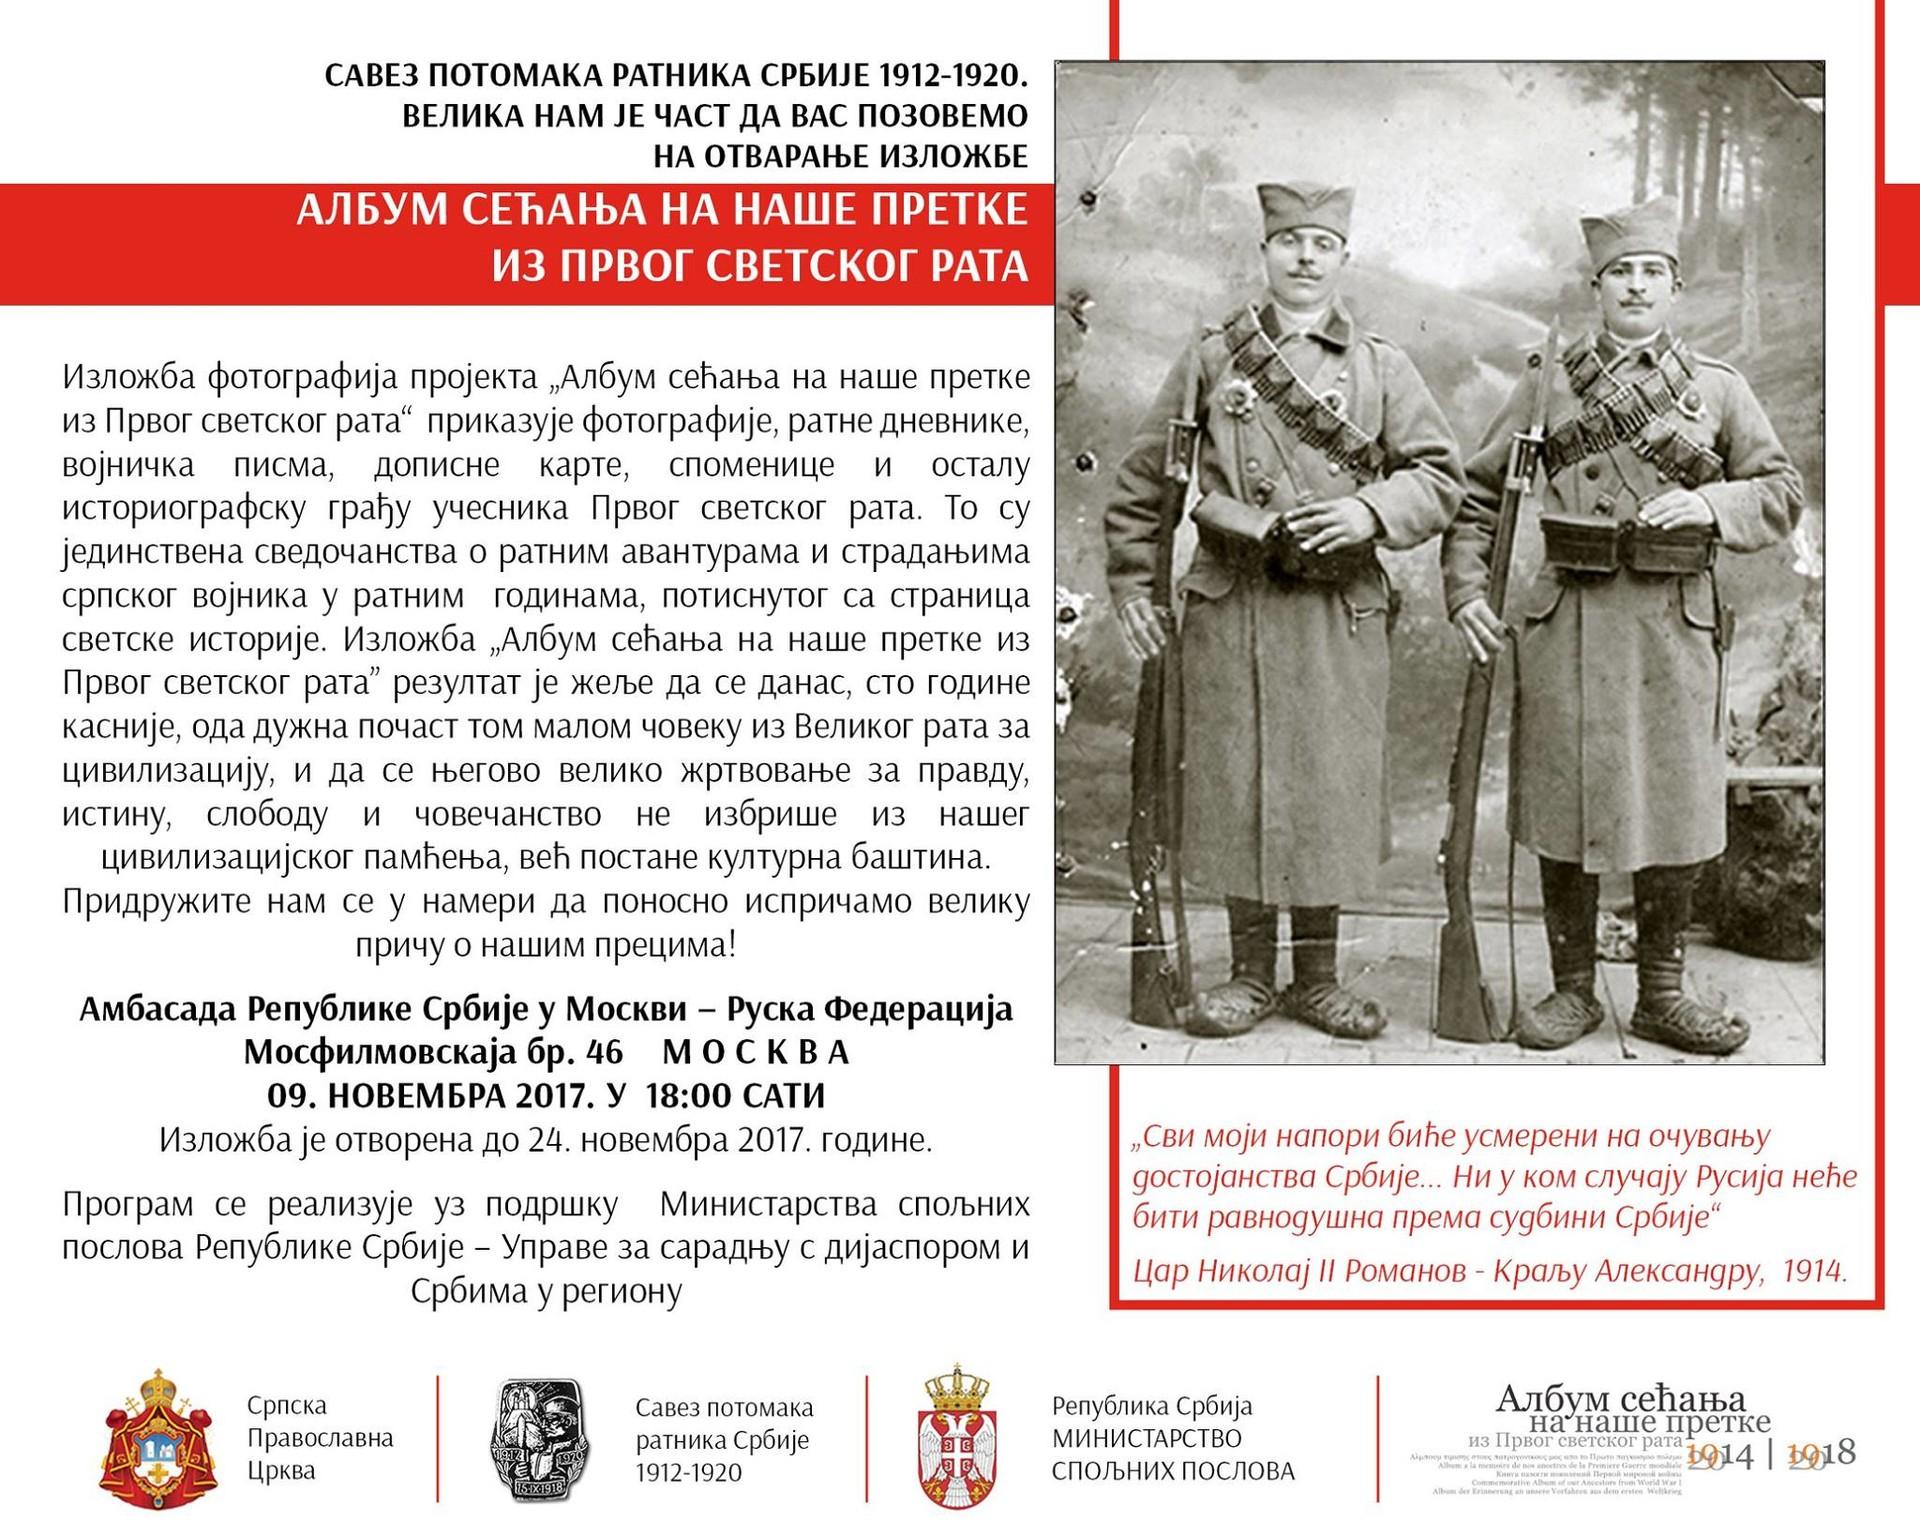 """Izložba """"Album sećanja na naše pretke iz Prvog svetskog rata"""" u Moskvi"""